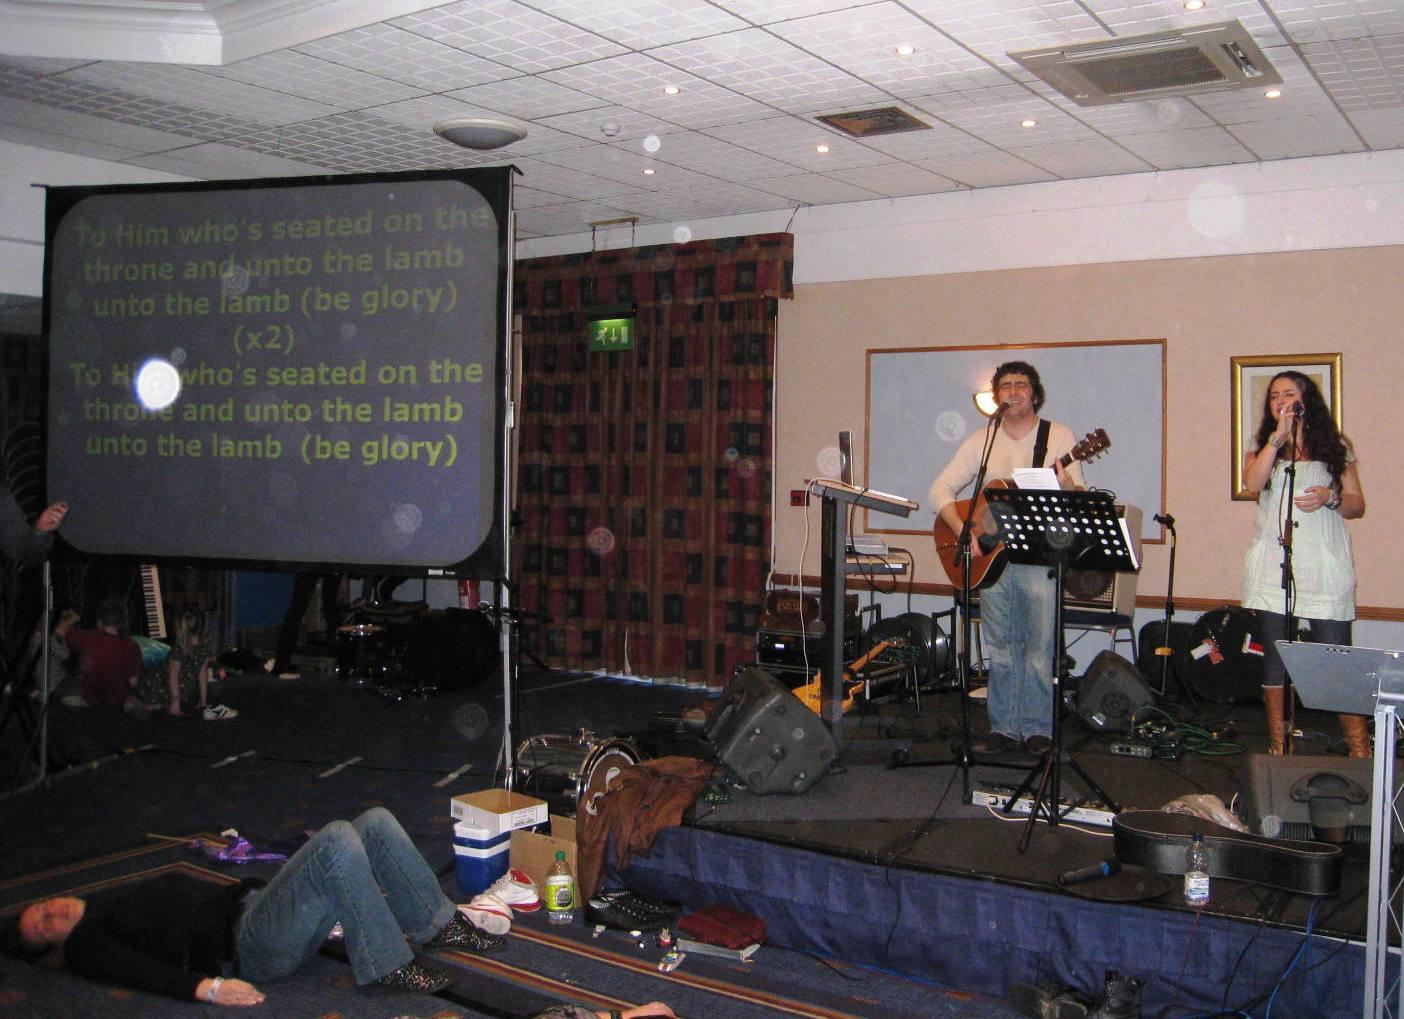 Glory Company at Glory Fest Jan '11